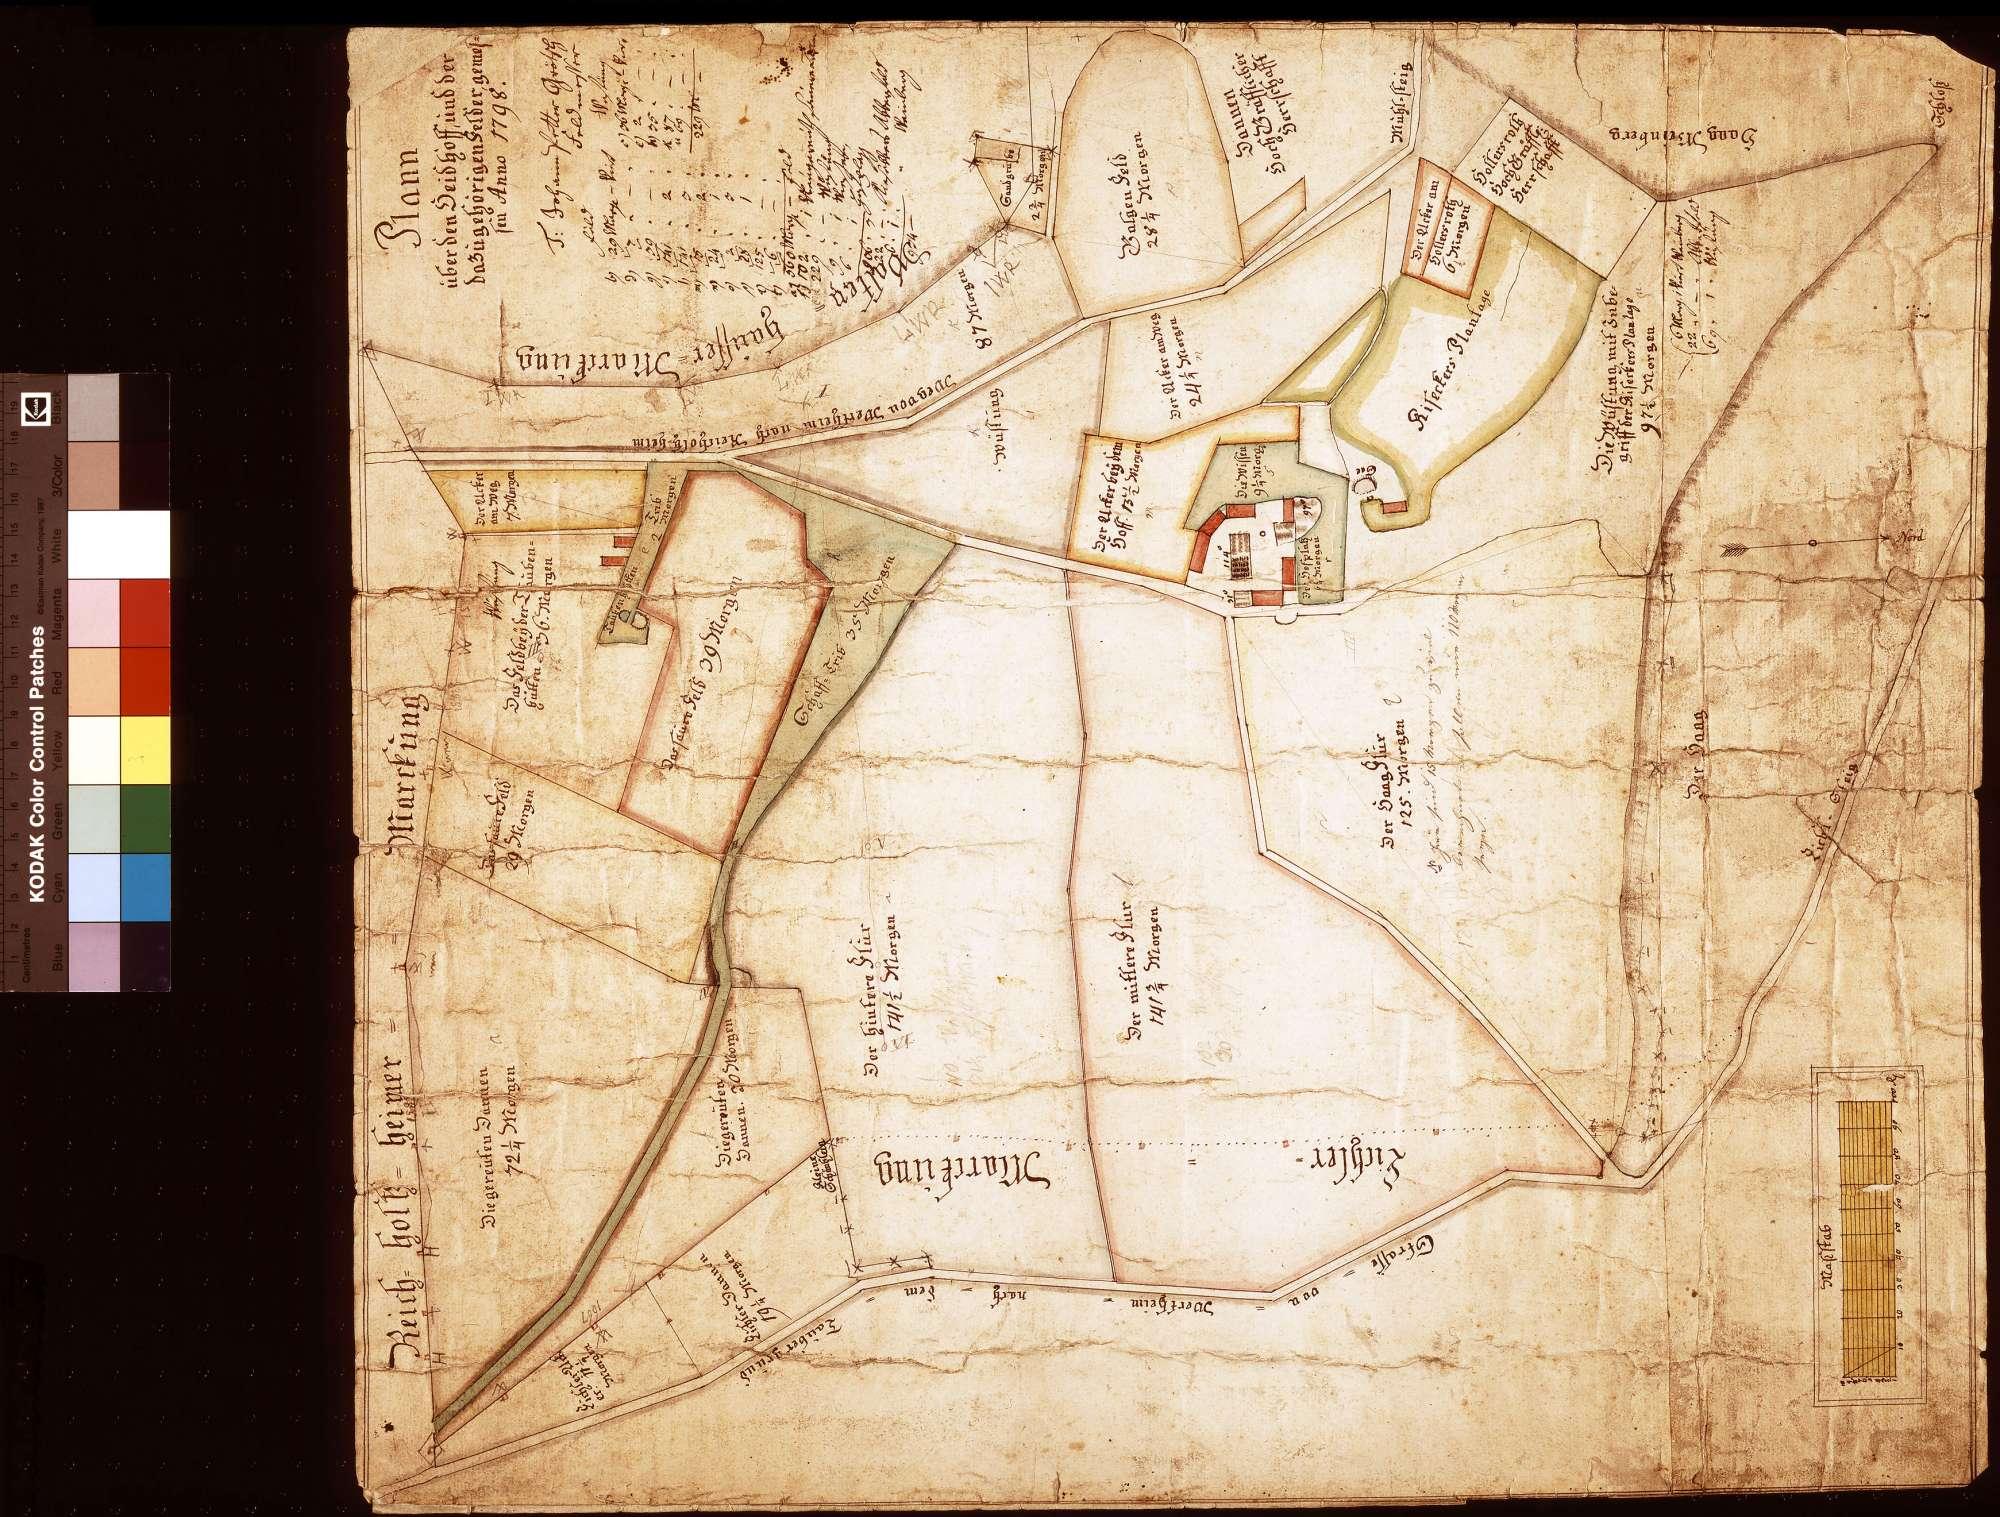 Haidhof und die dazugehörigen Felder (Inselkarte), Bild 1